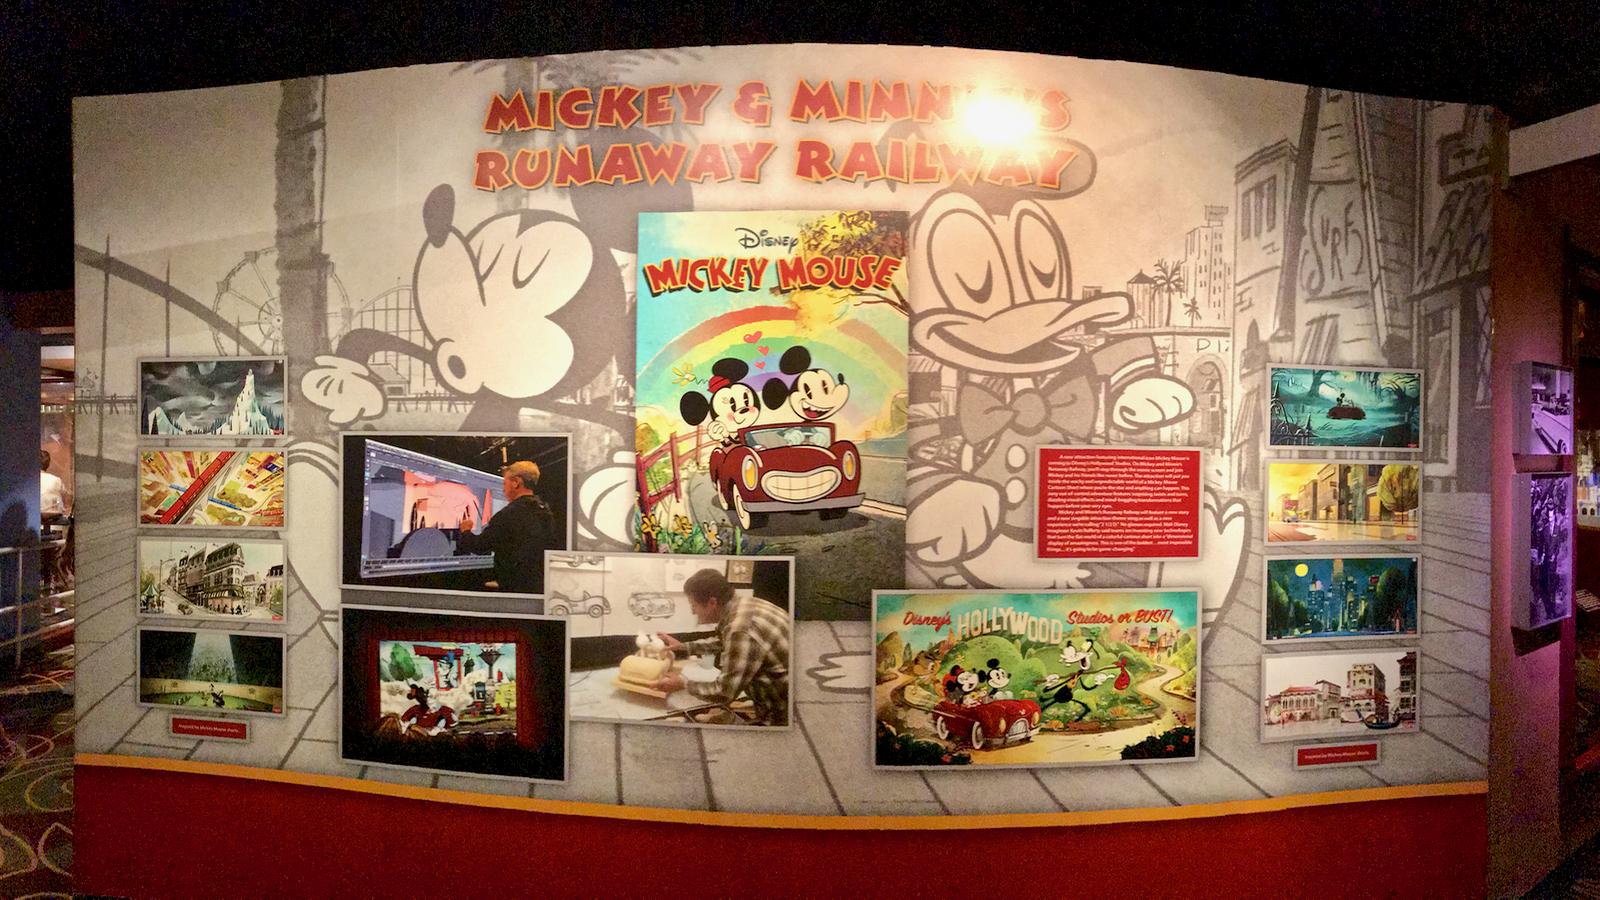 mouseplanet walt disney world resort update for september 19 25